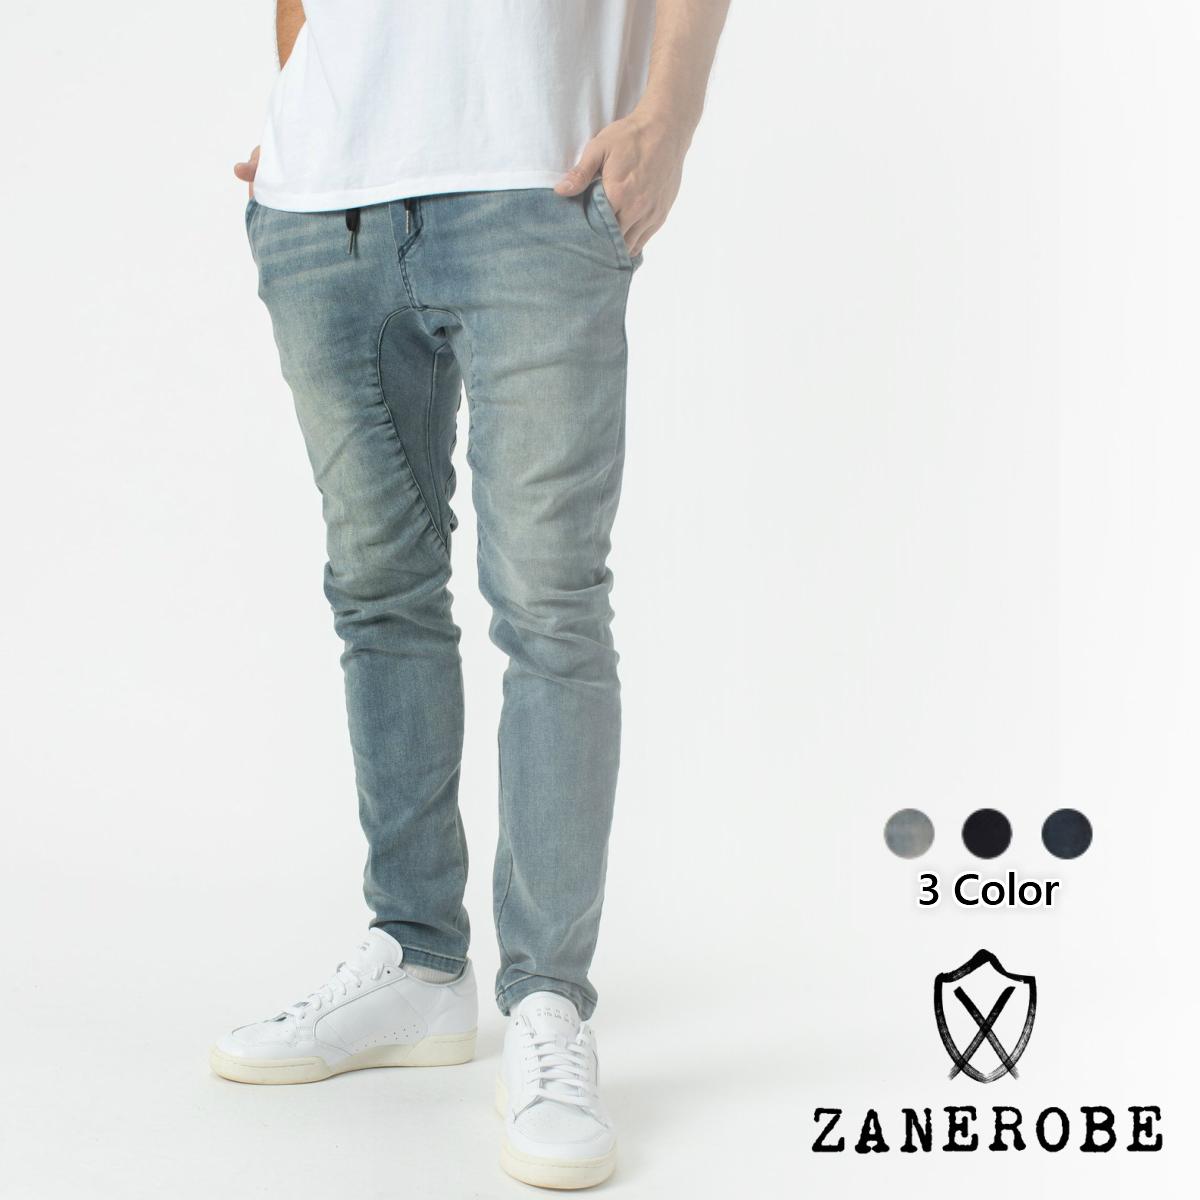 黒[衣類] Chino チノパン Sureshot メンズ ゼインローブ 3色 デニム ZANEROBE ブラック ブルー Pant Flex ジーンズ ジョガーパンツ ボトムス